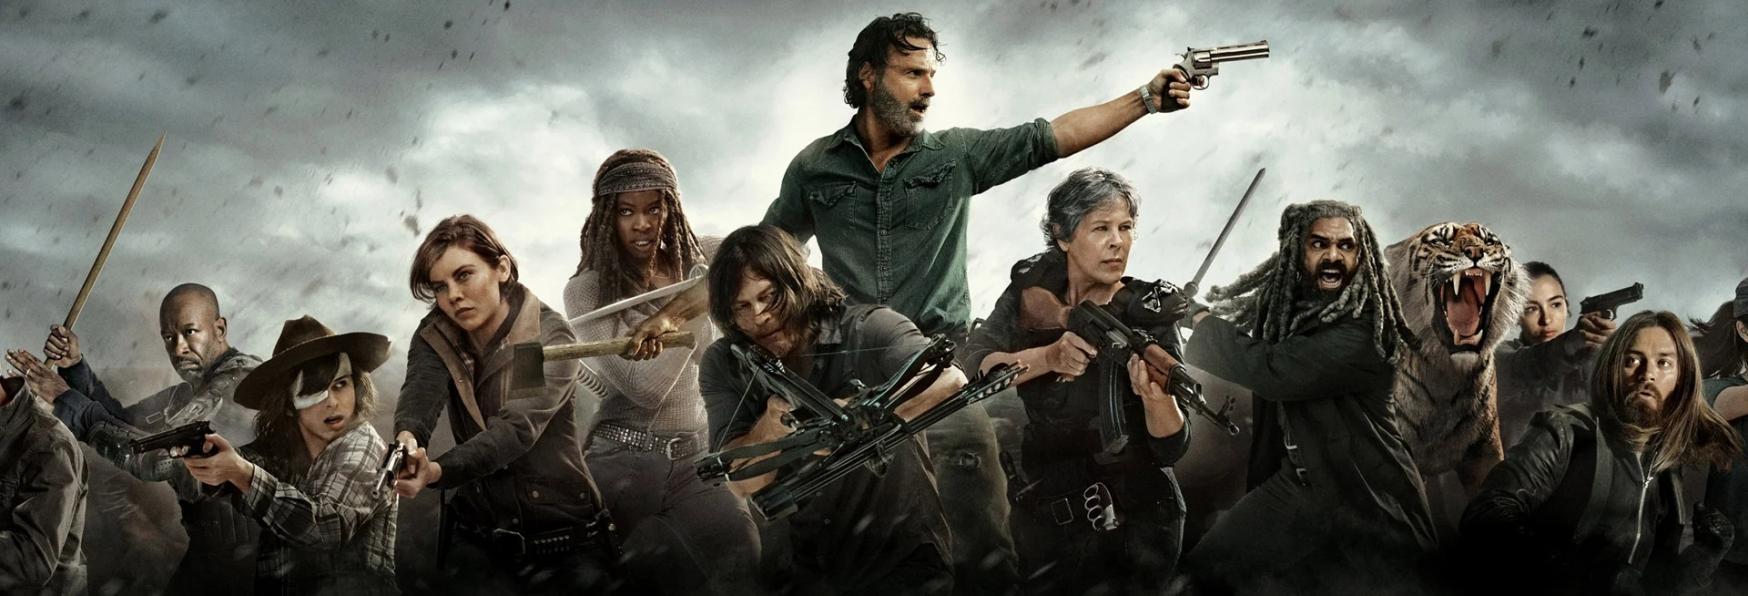 The Walking Dead: I Network Televisivi Americani non volevano Mandare in Onda la Serie TV